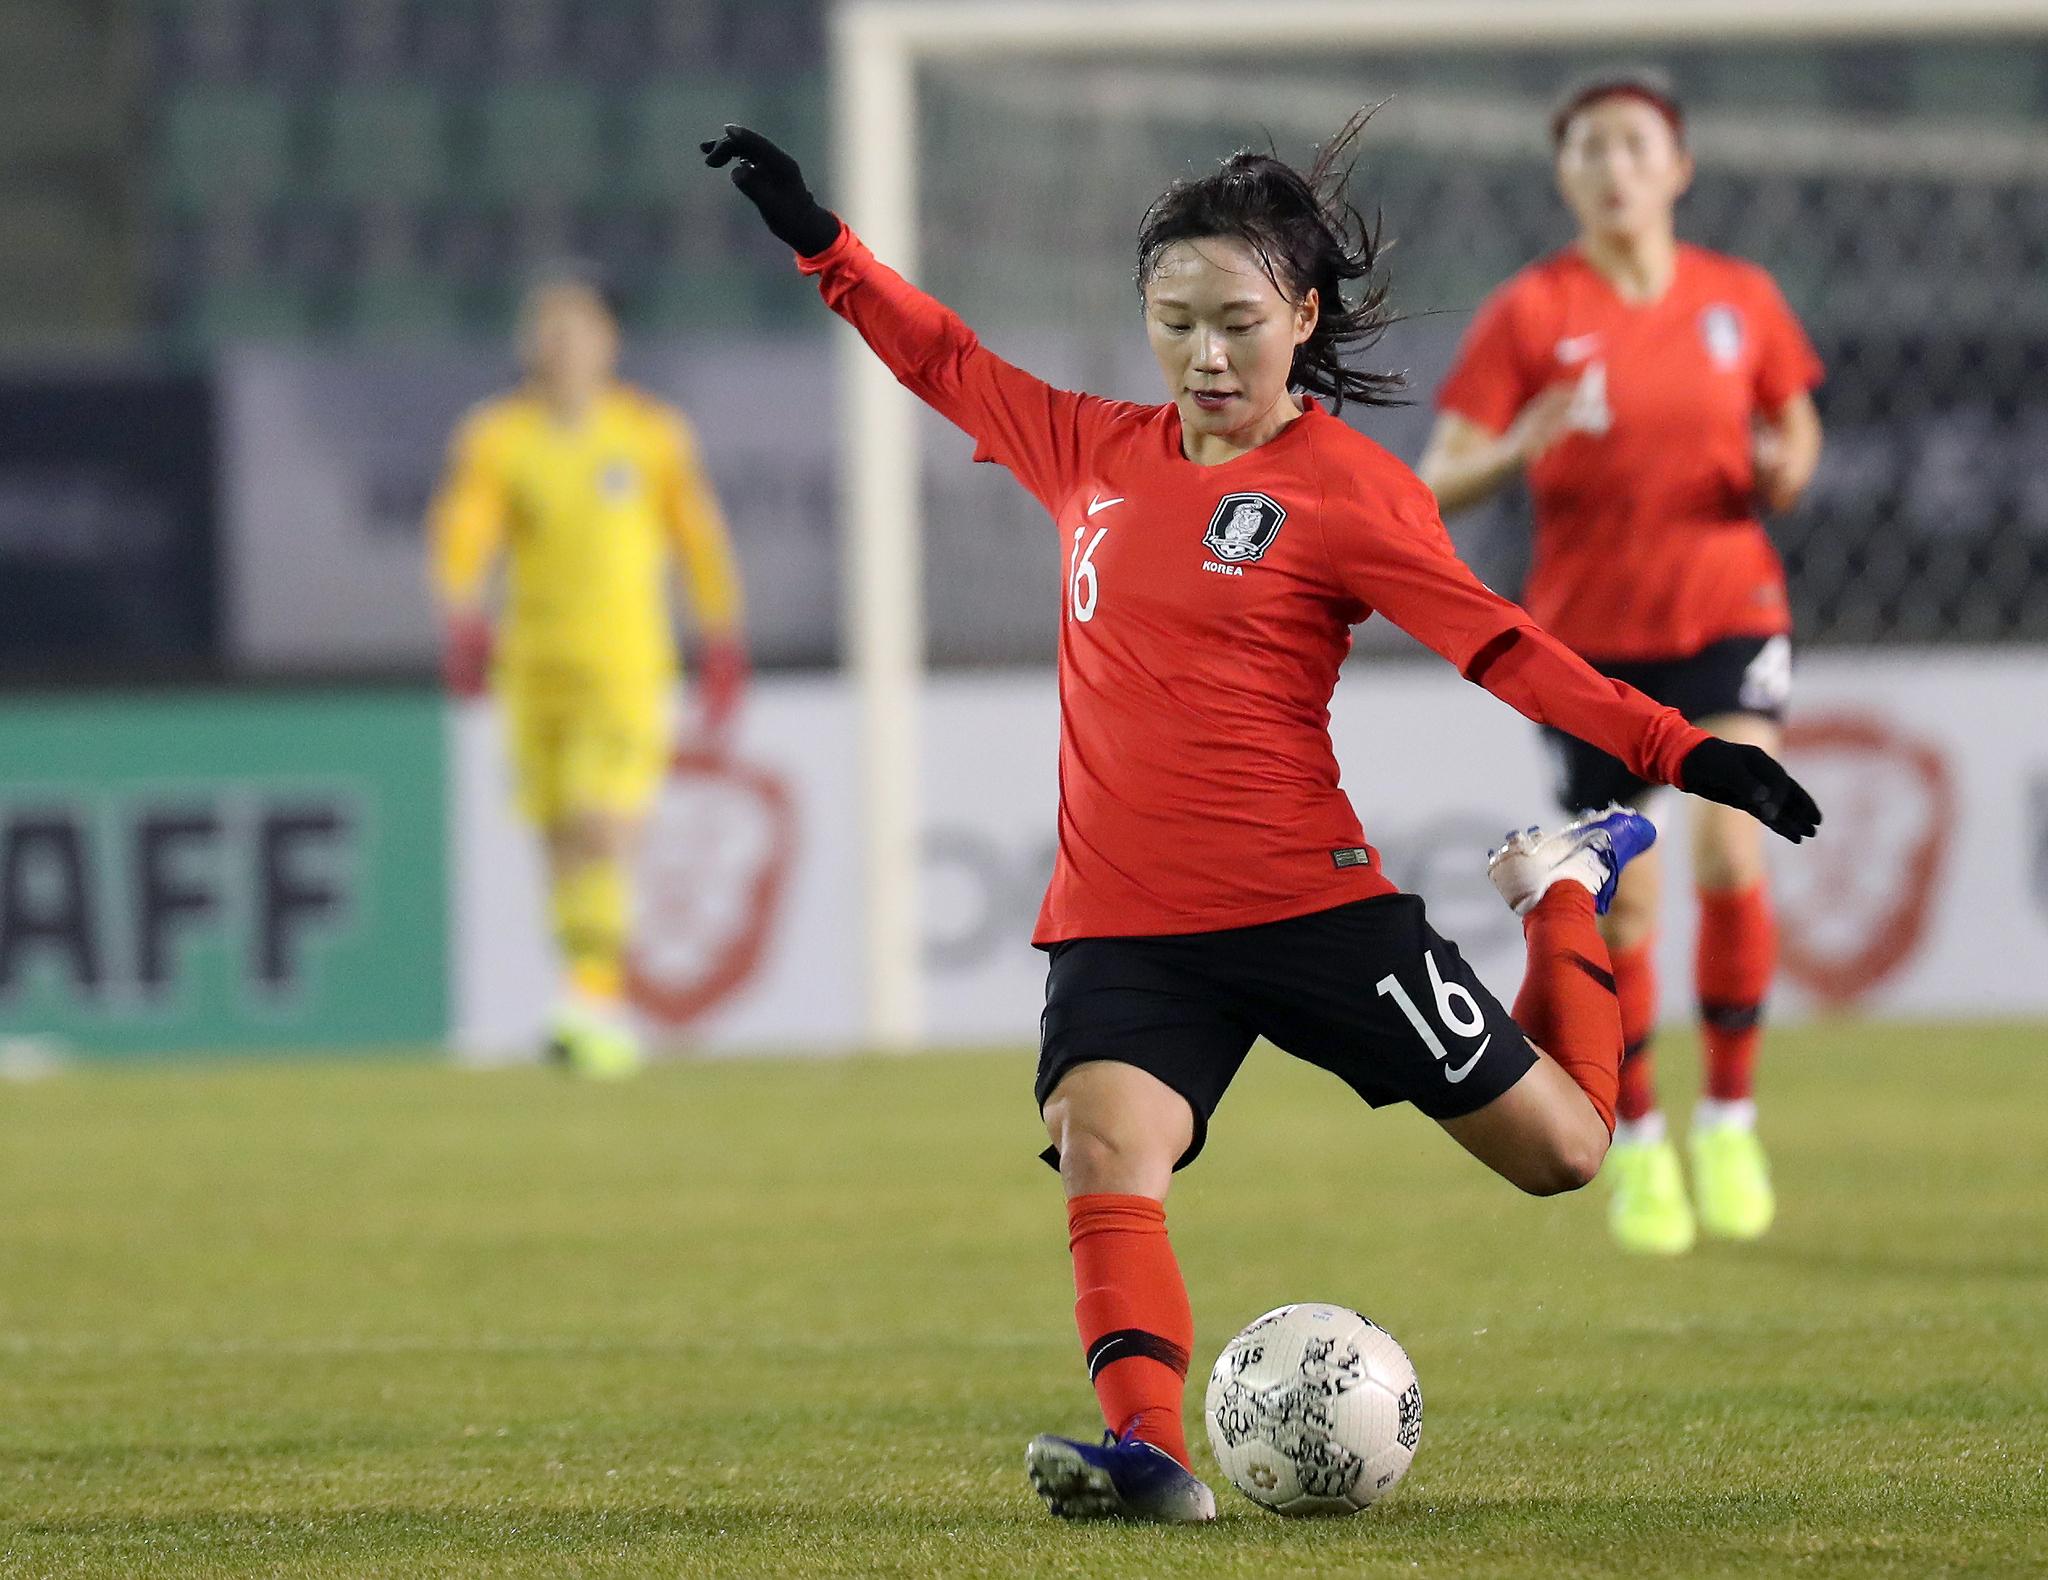 17일 부산구덕운동장에서 열린 동아시안컵 일본과 경기에서 한국 장슬기가 패스를 시도하고 있다.[뉴스1]